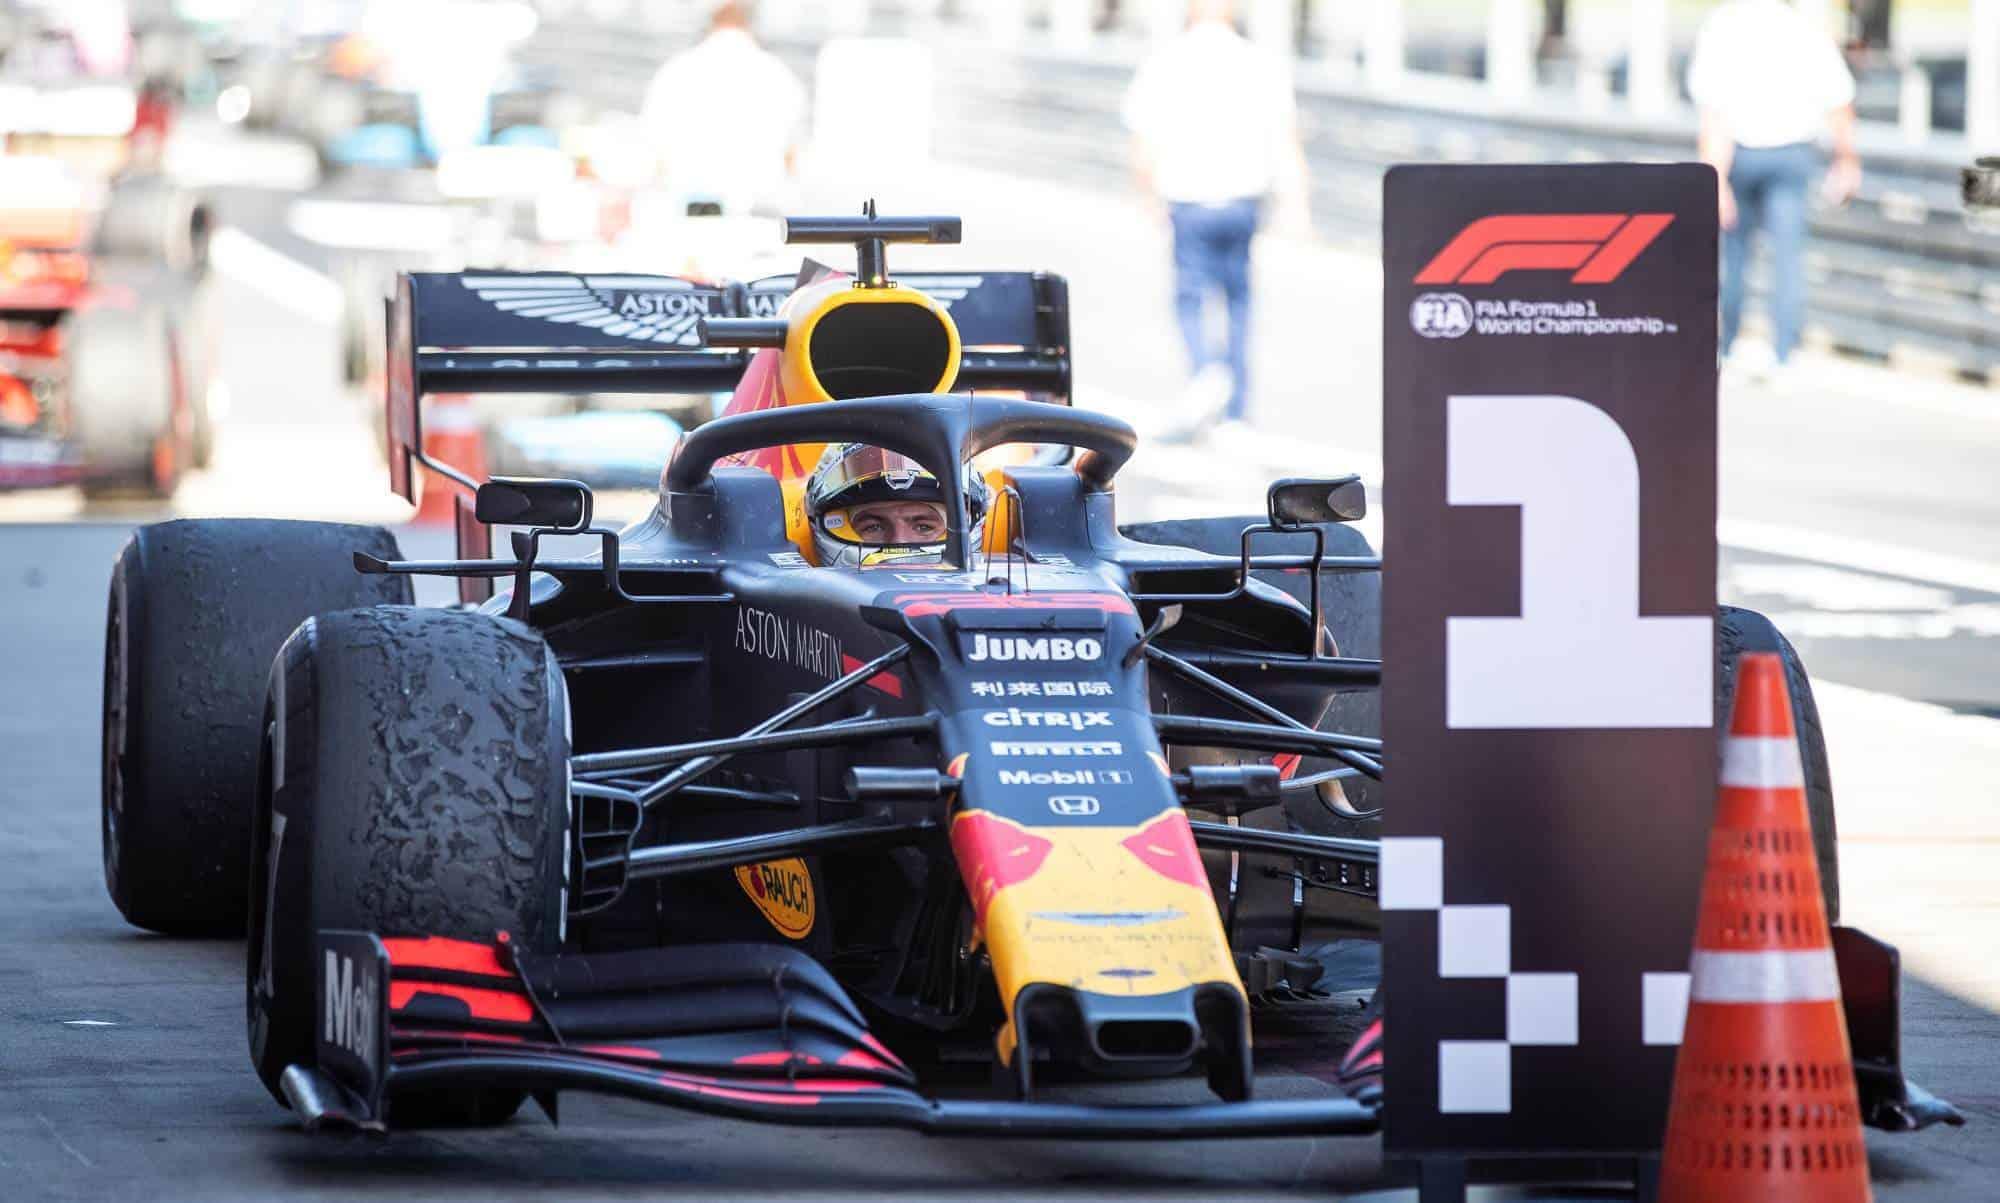 Max Verstappen Red Bull Honda Austrian GP F1 2019 parc ferme Photo Red Bull